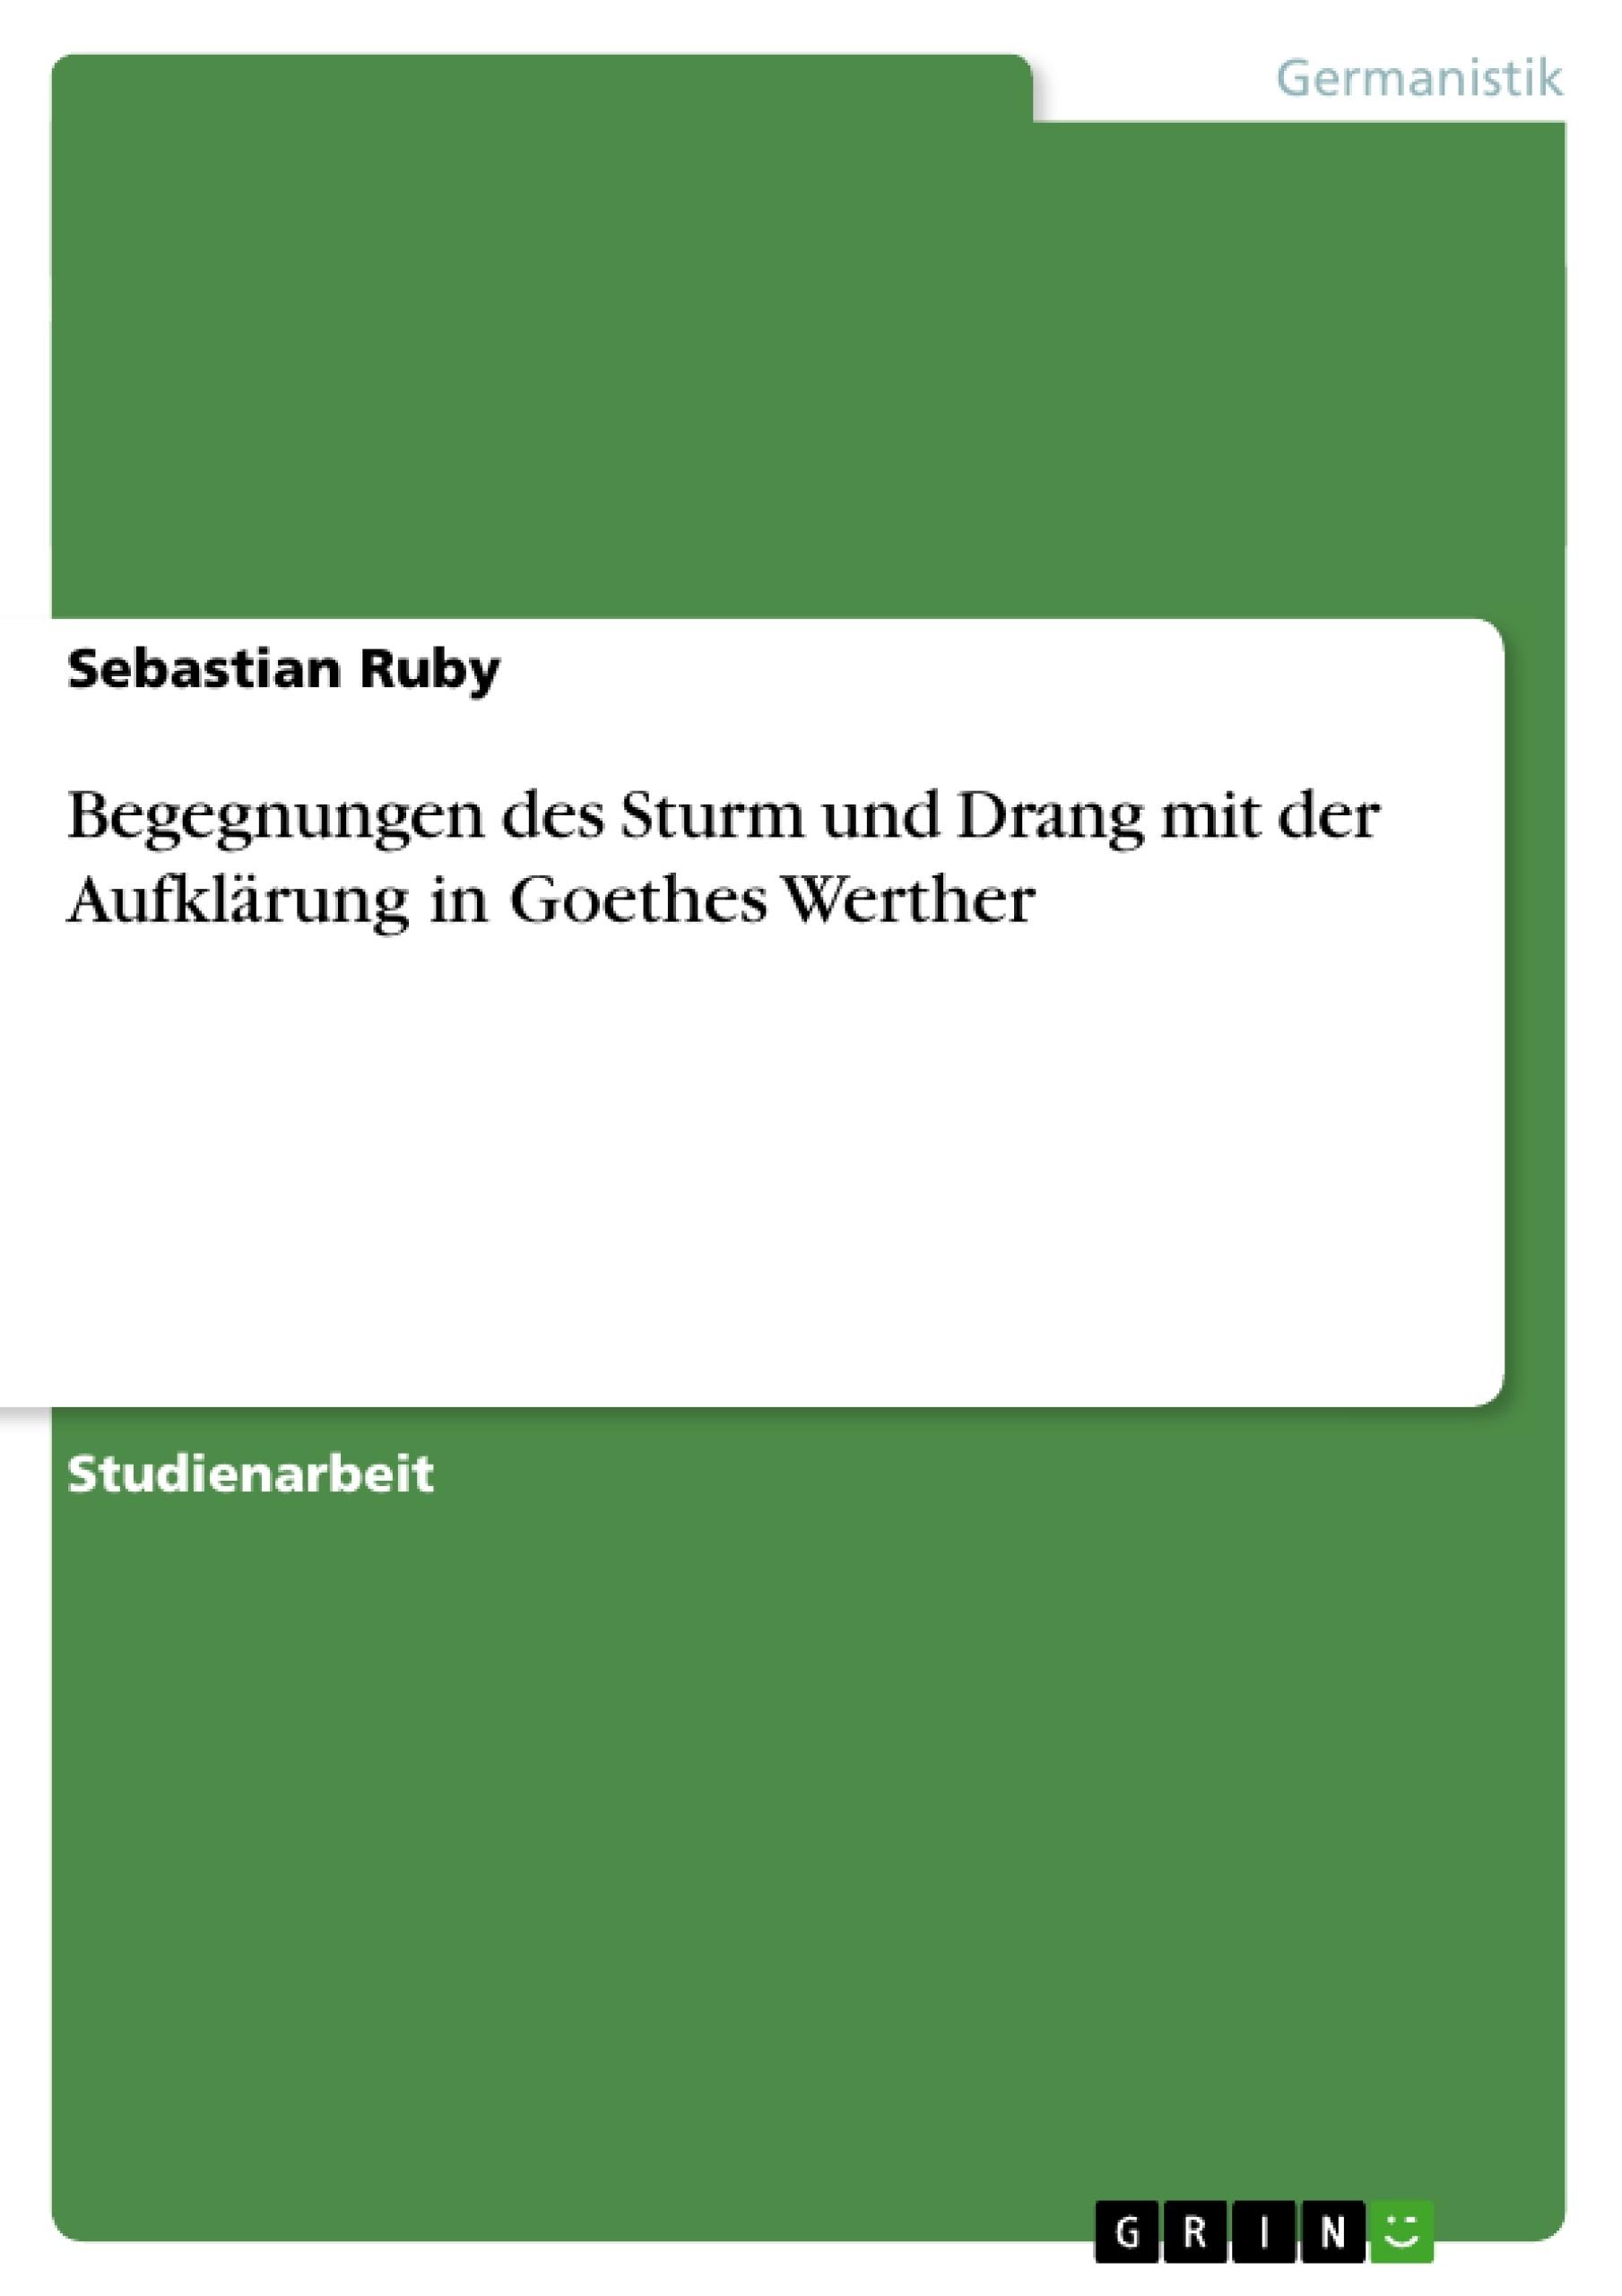 Titel: Begegnungen des Sturm und Drang mit der Aufklärung in Goethes Werther